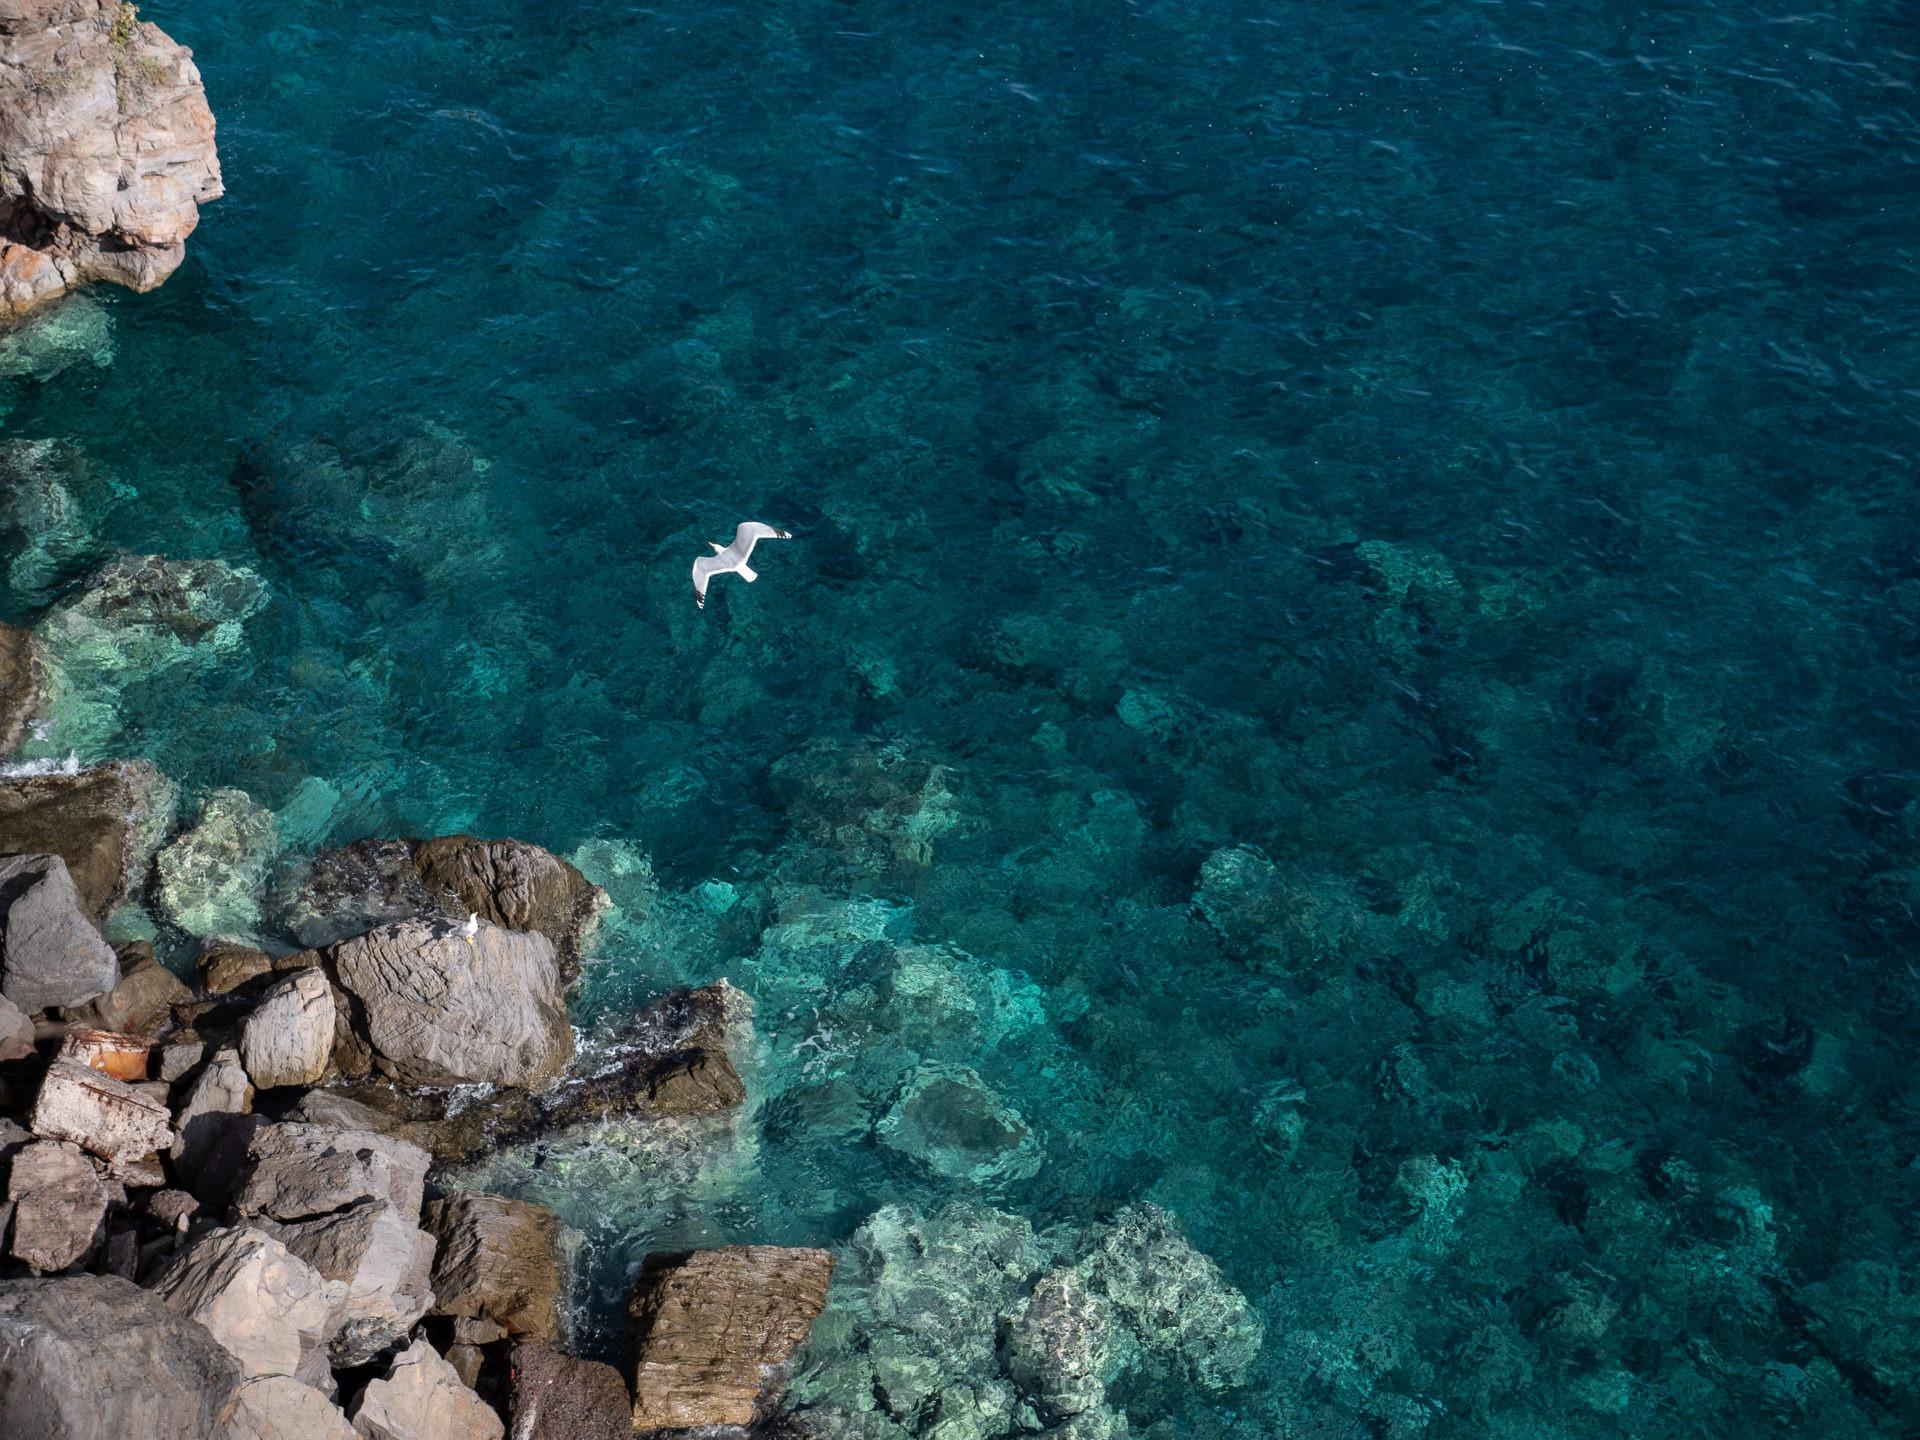 sicile mer 54674 - Les globe blogueurs - blog voyage nature